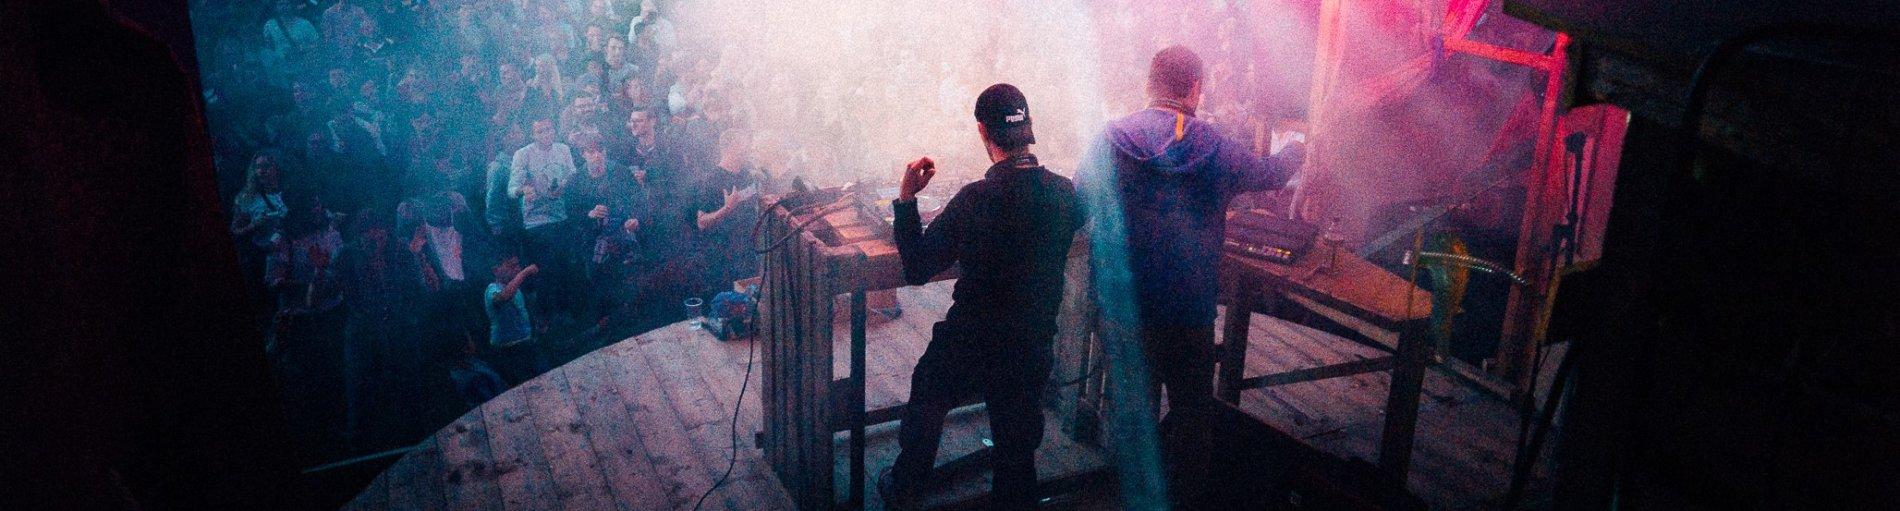 2 DJs stehen auf einer Bühne vor Publikum und legen auf.